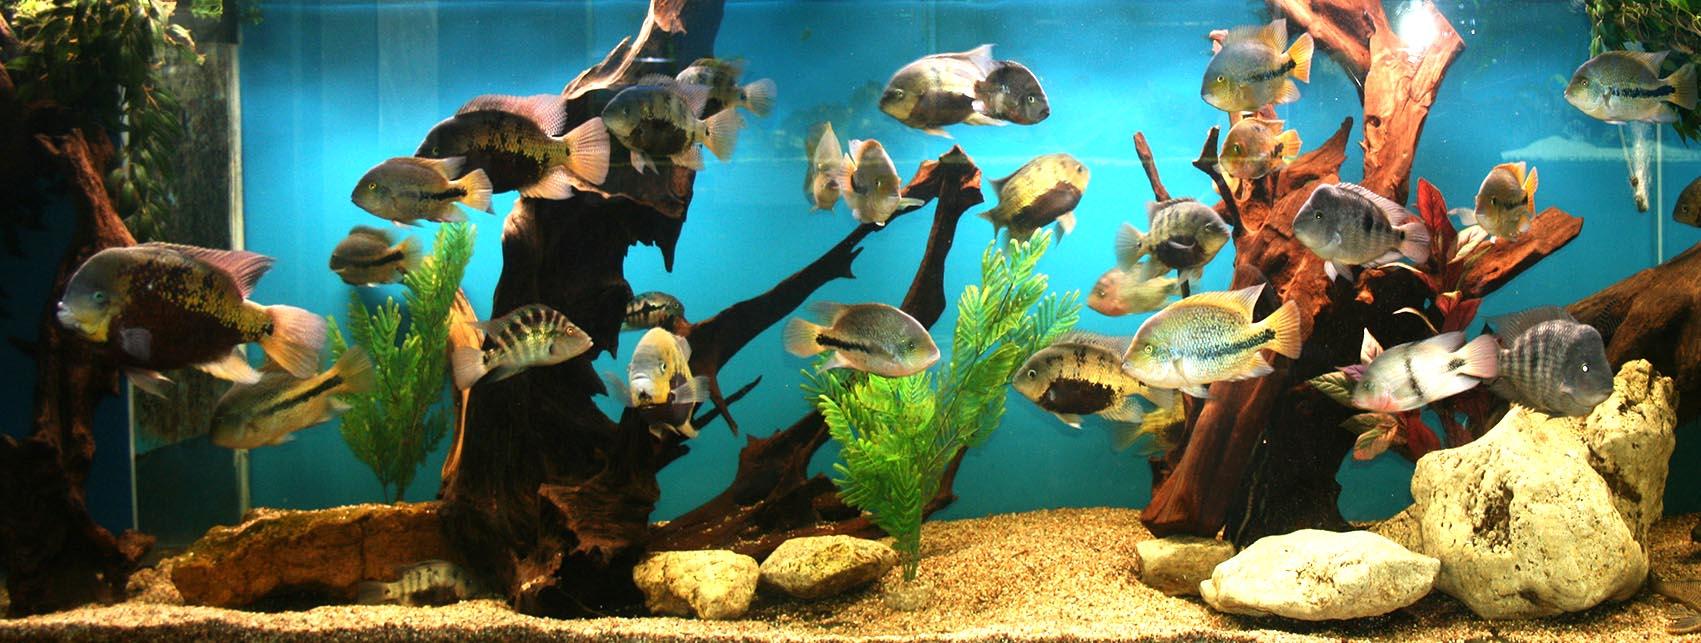 aquario-aquarium